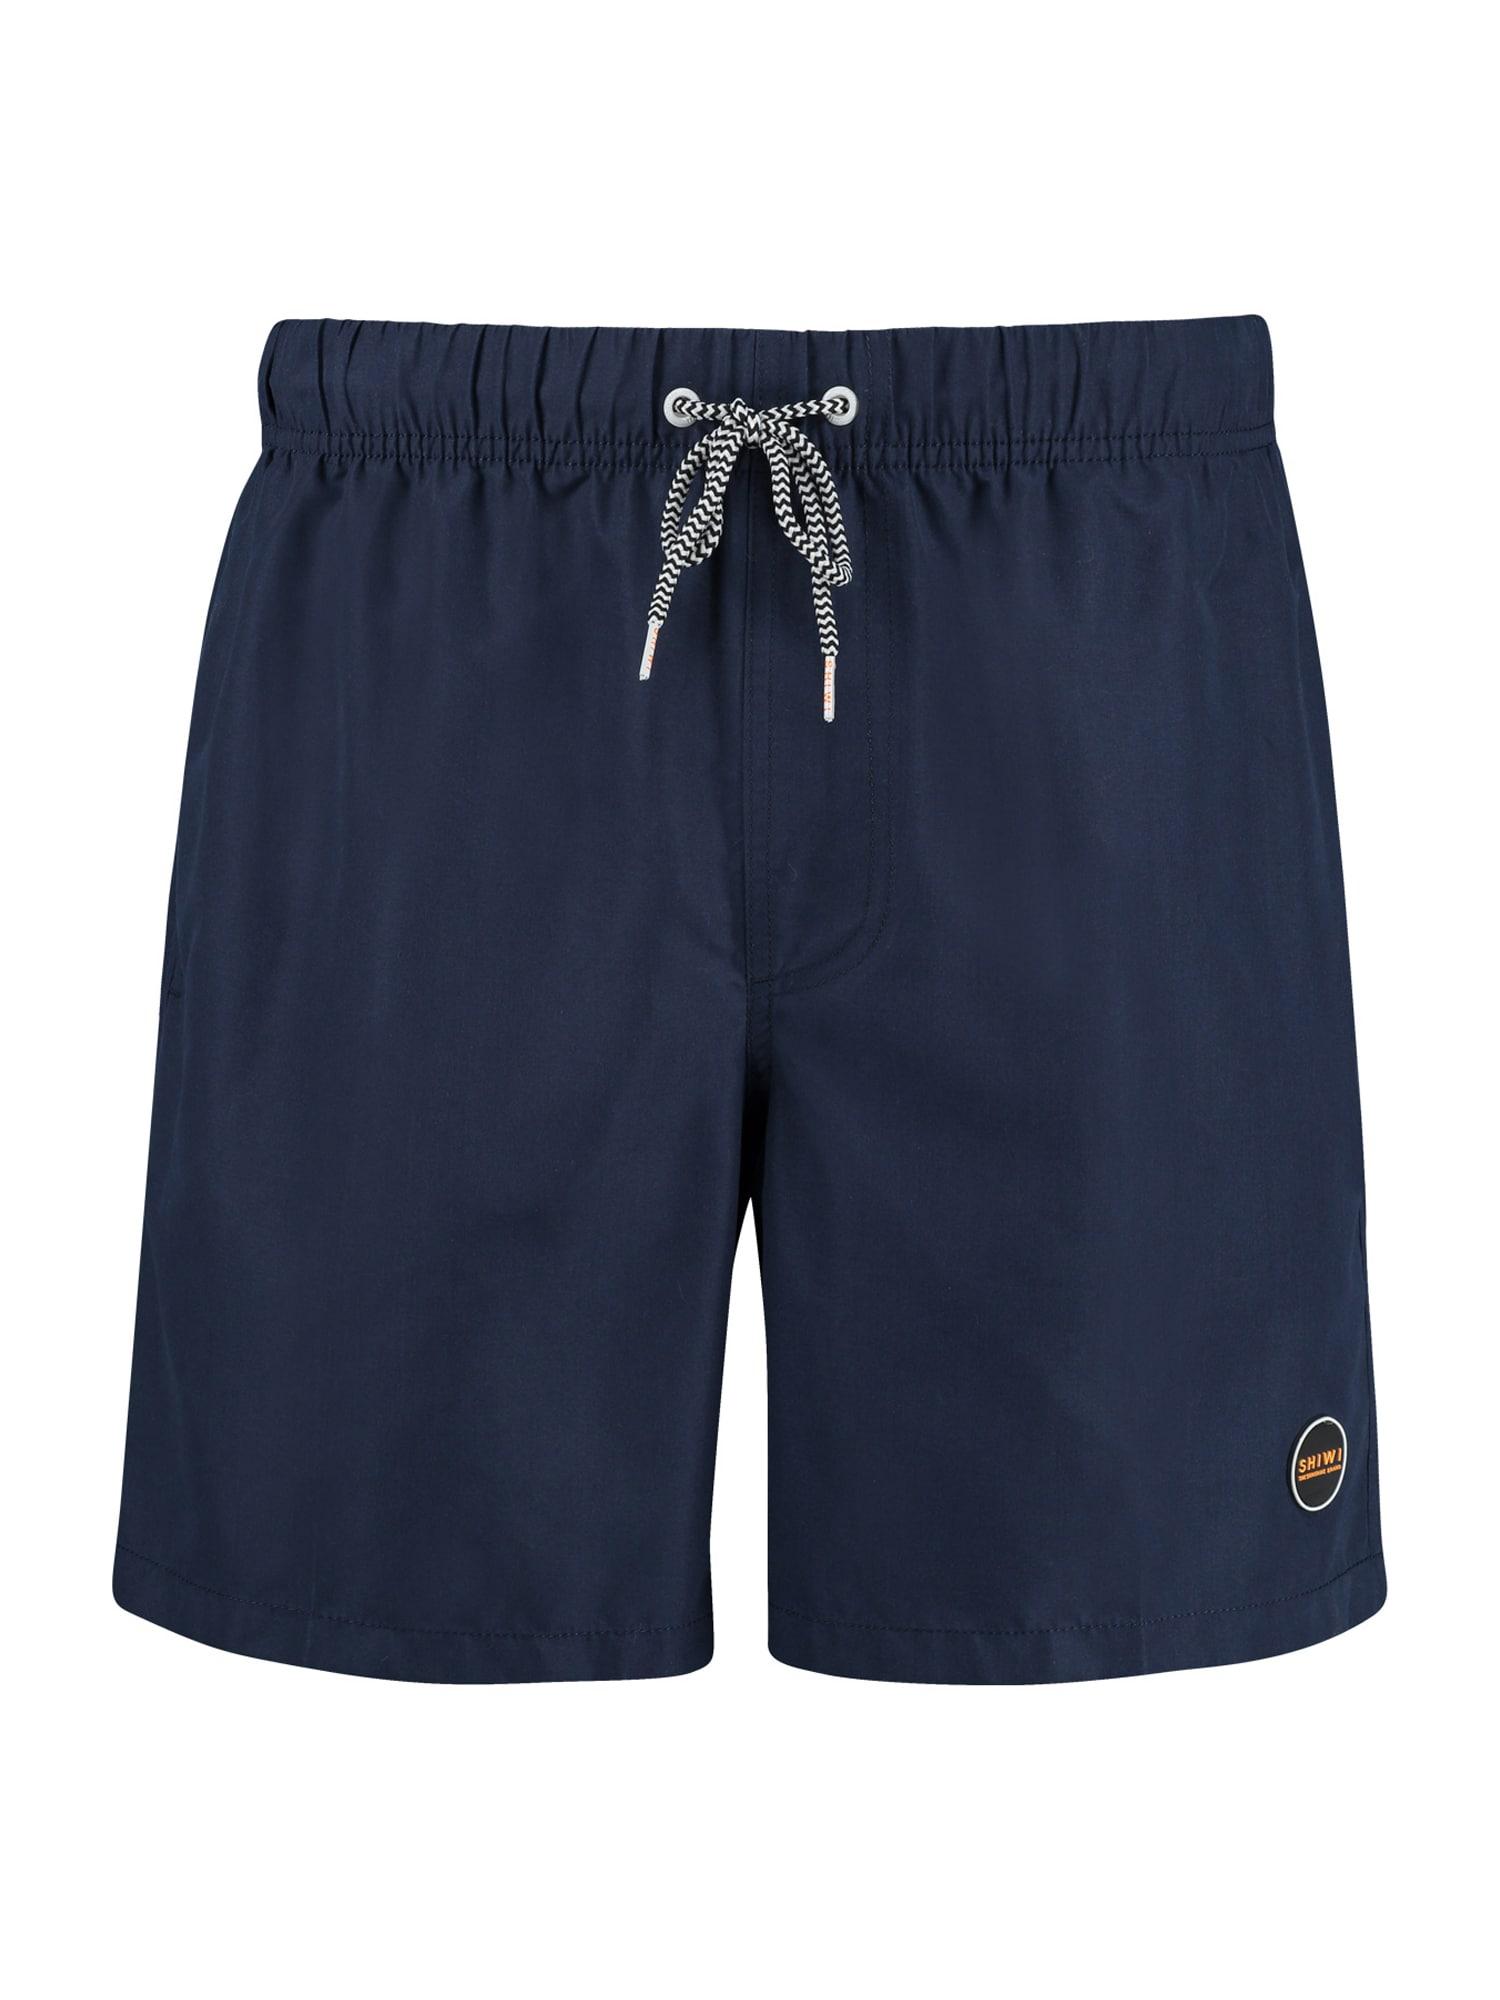 Shiwi Plavky 'Solid mike'  námornícka modrá